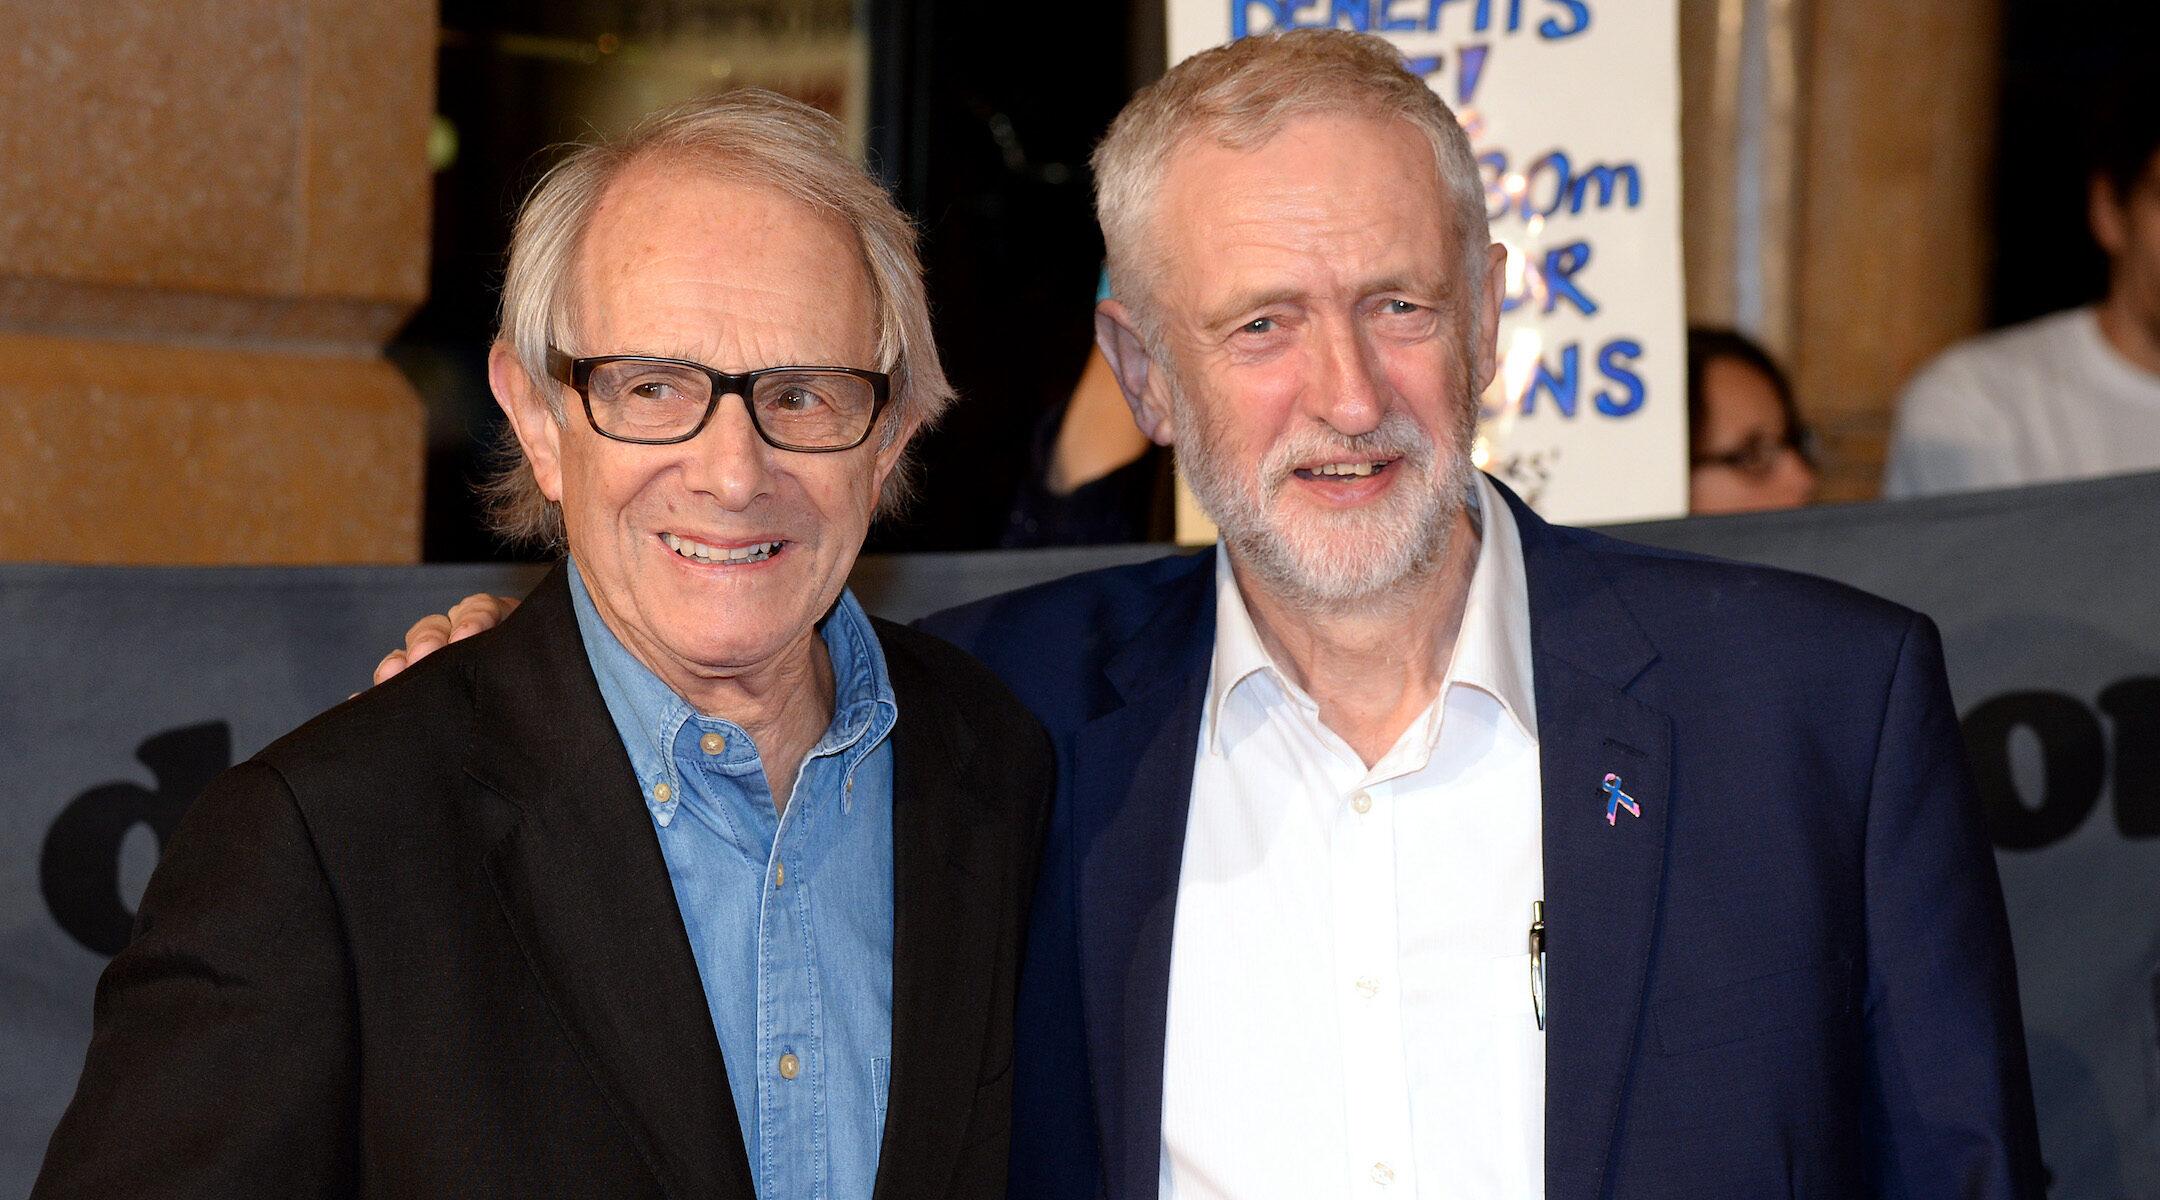 Ken Loach with Jeremy Corbyn